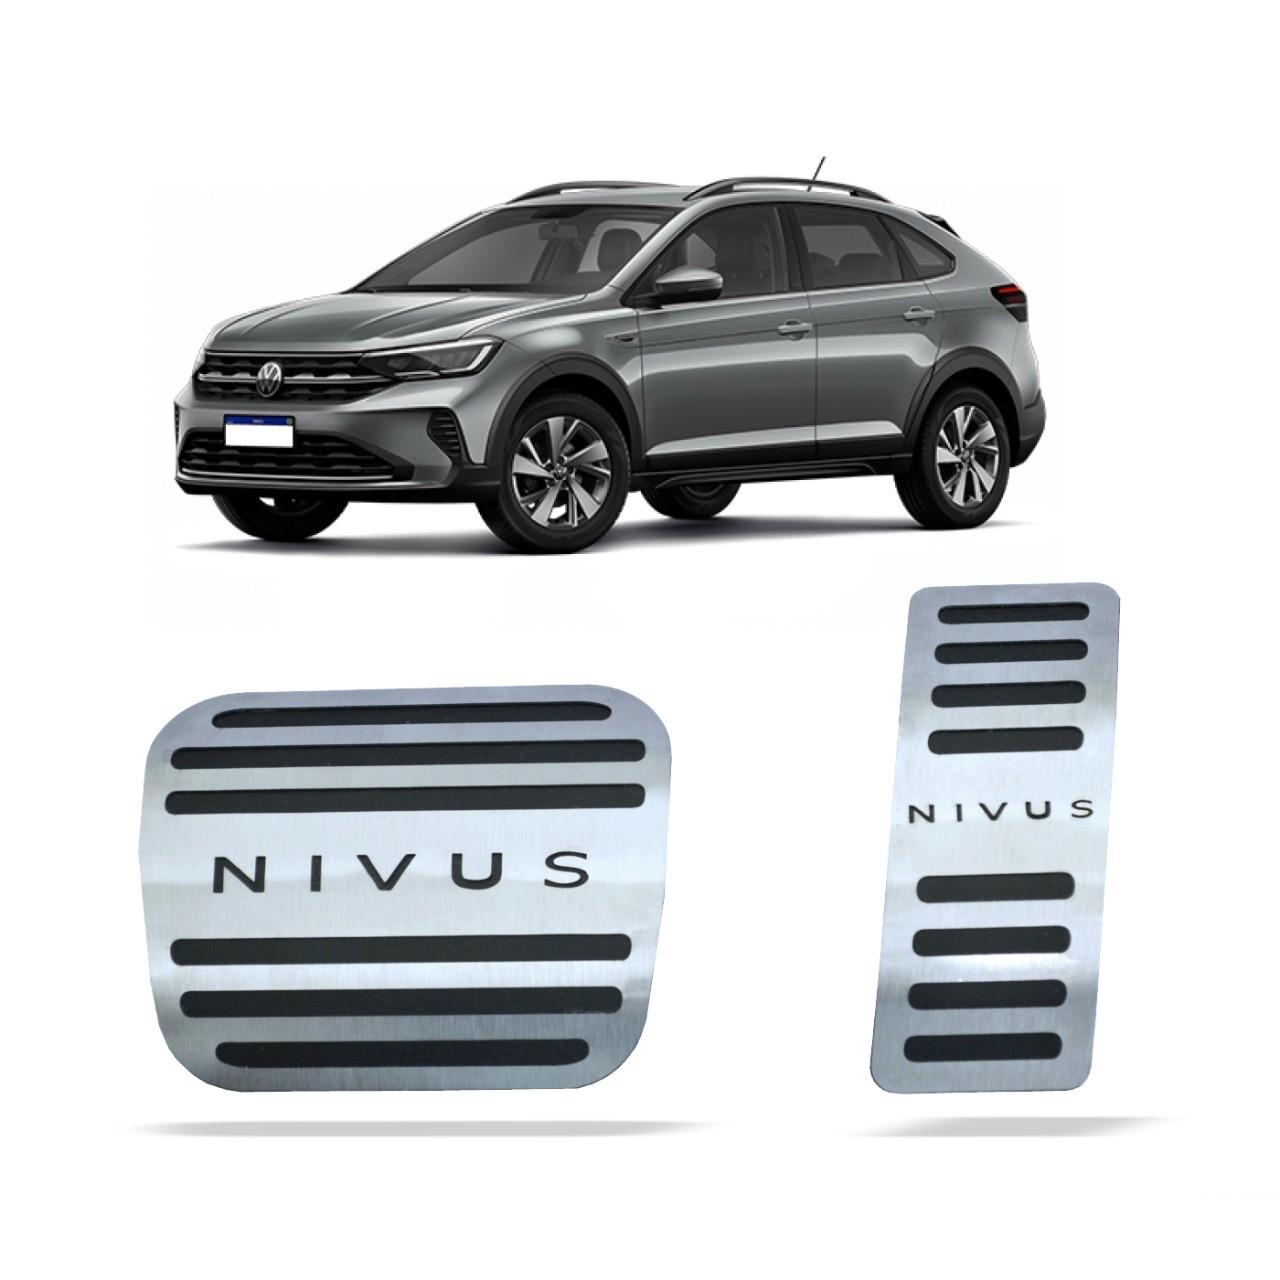 Pedaleira para Nivus Automático em Aço Inox